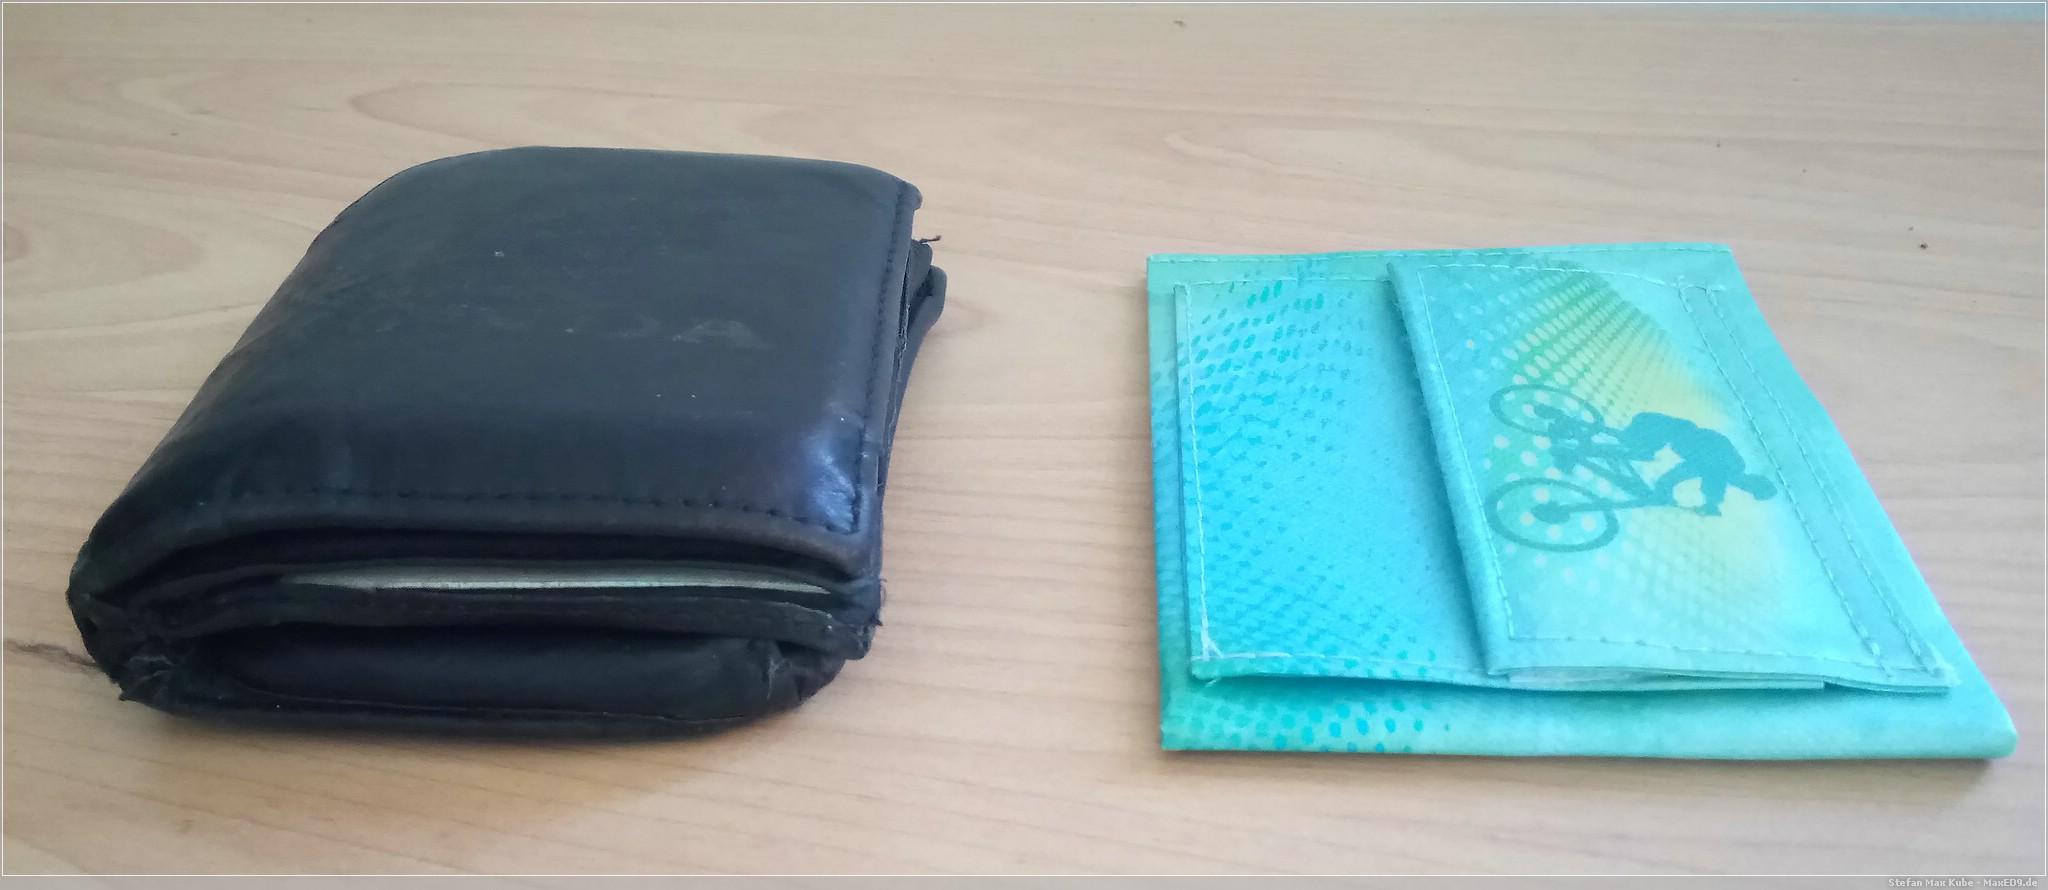 verkleinert: das ultraflache Spocket-Portemonnaie